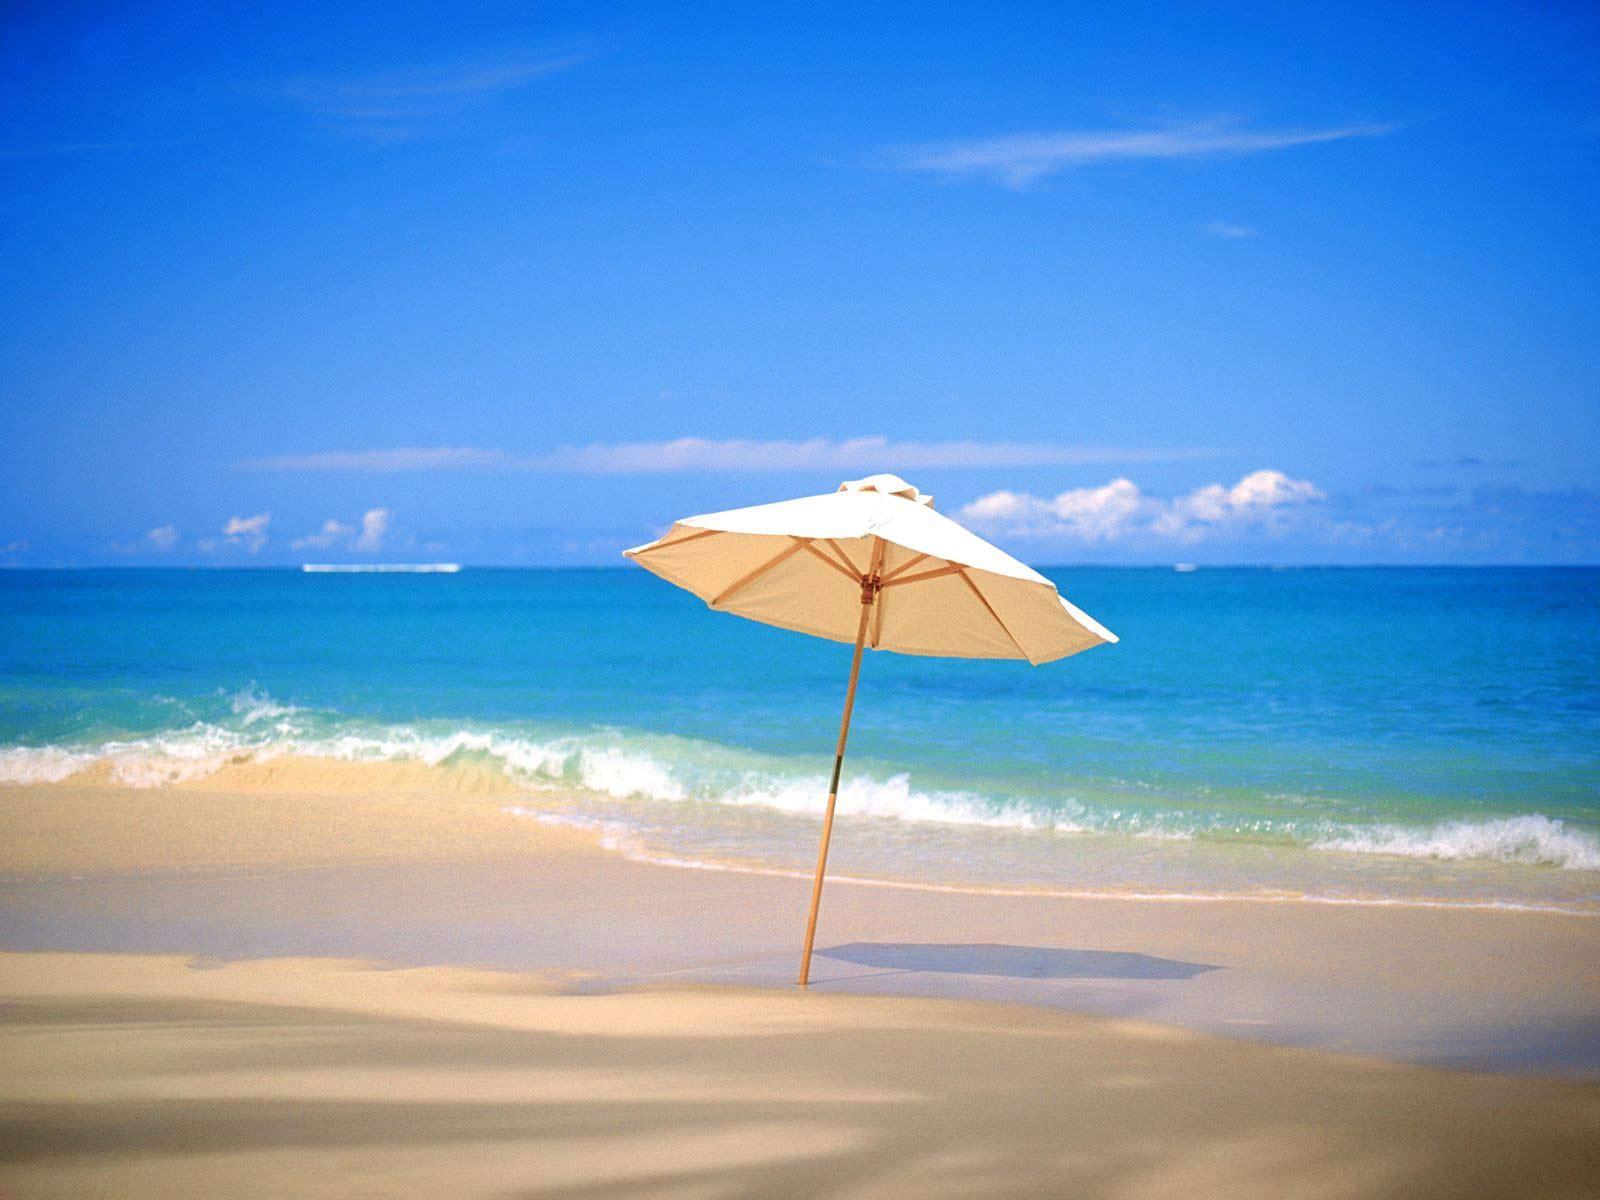 Παραλίες με τιμή εκκίνησης χαμηλότερη κατά 15%